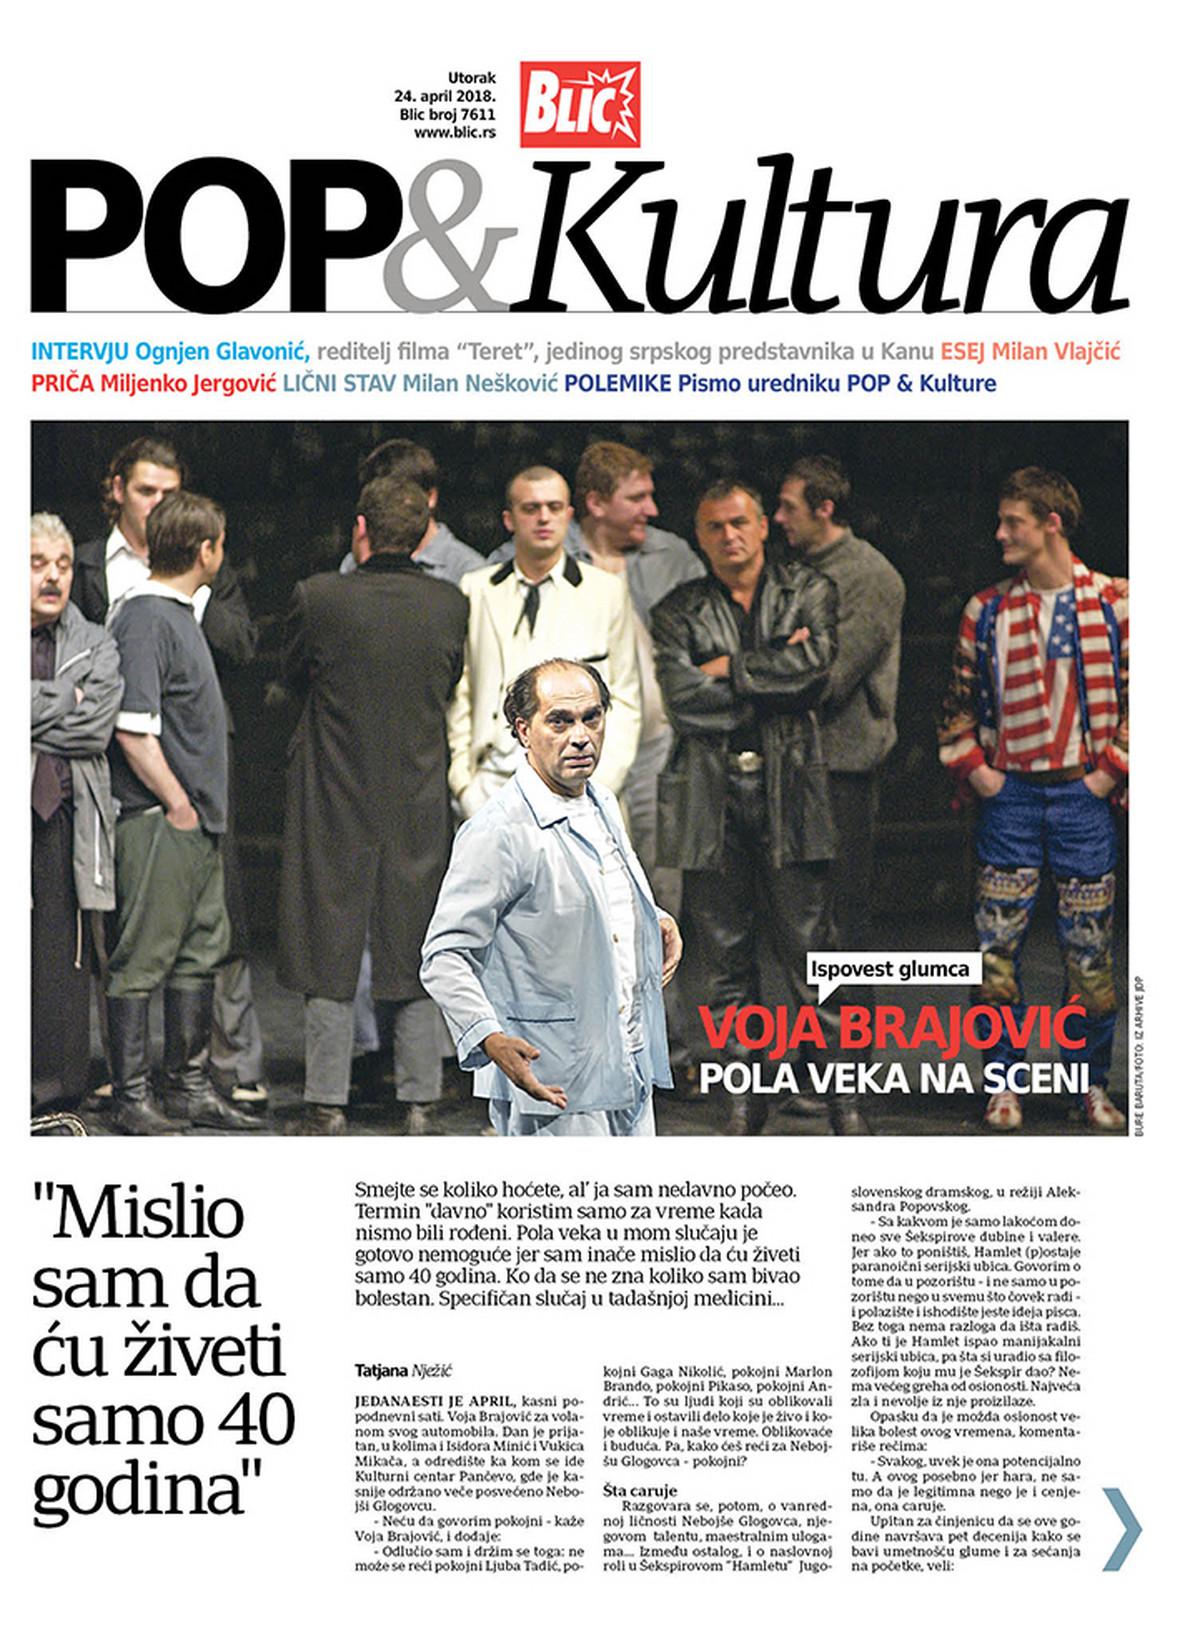 """Sutra uz """"Blic"""" nova """"POP & Kultura"""" ISPOVEST VOJE BRAJOVICA"""